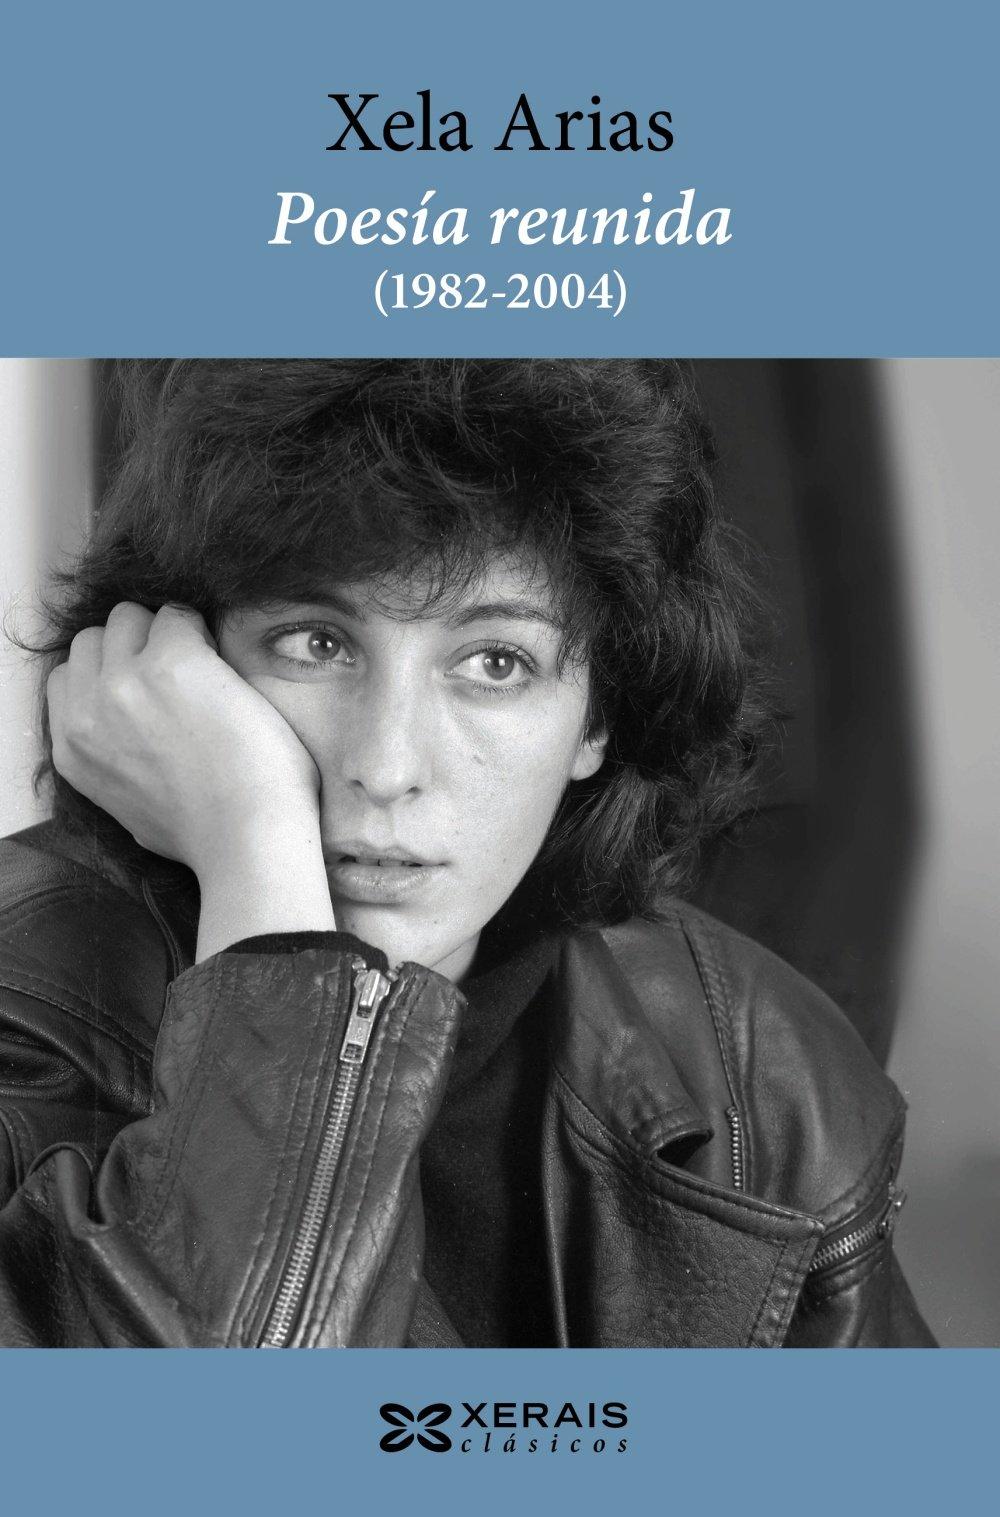 Poesía reunida (1982-2004). Xela Arias: Amazon.es: Arias, Xela, Nogueira  Pereira, María Xesús: Libros